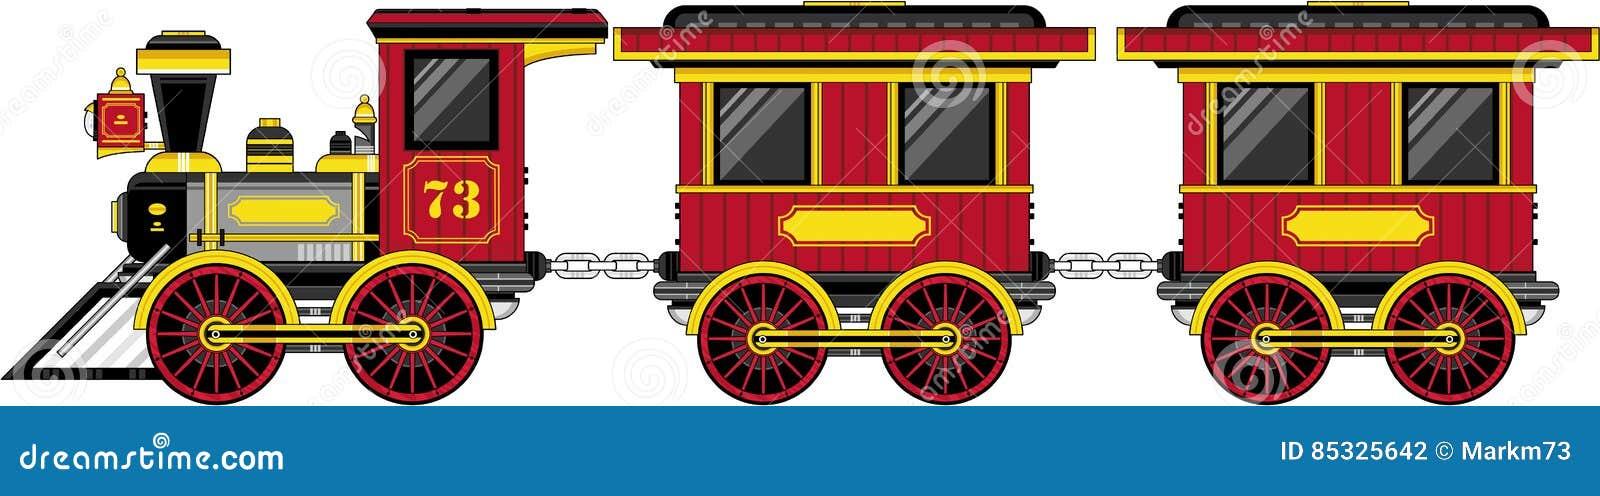 Train occidental de bande dessinée mignonne